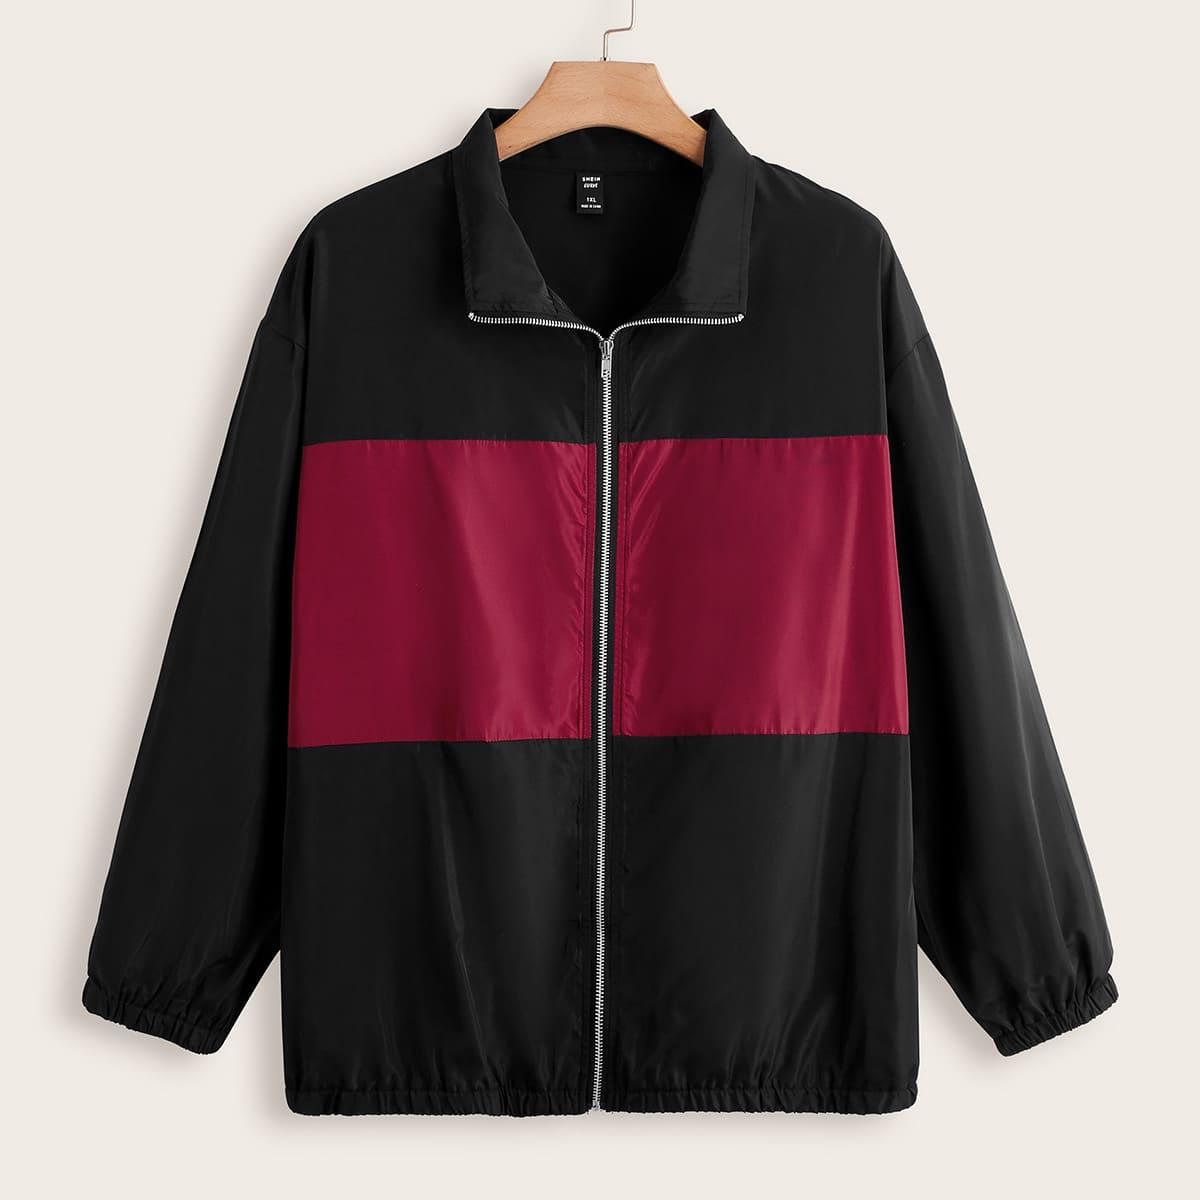 Plus Colorblock Zip Front Jacket